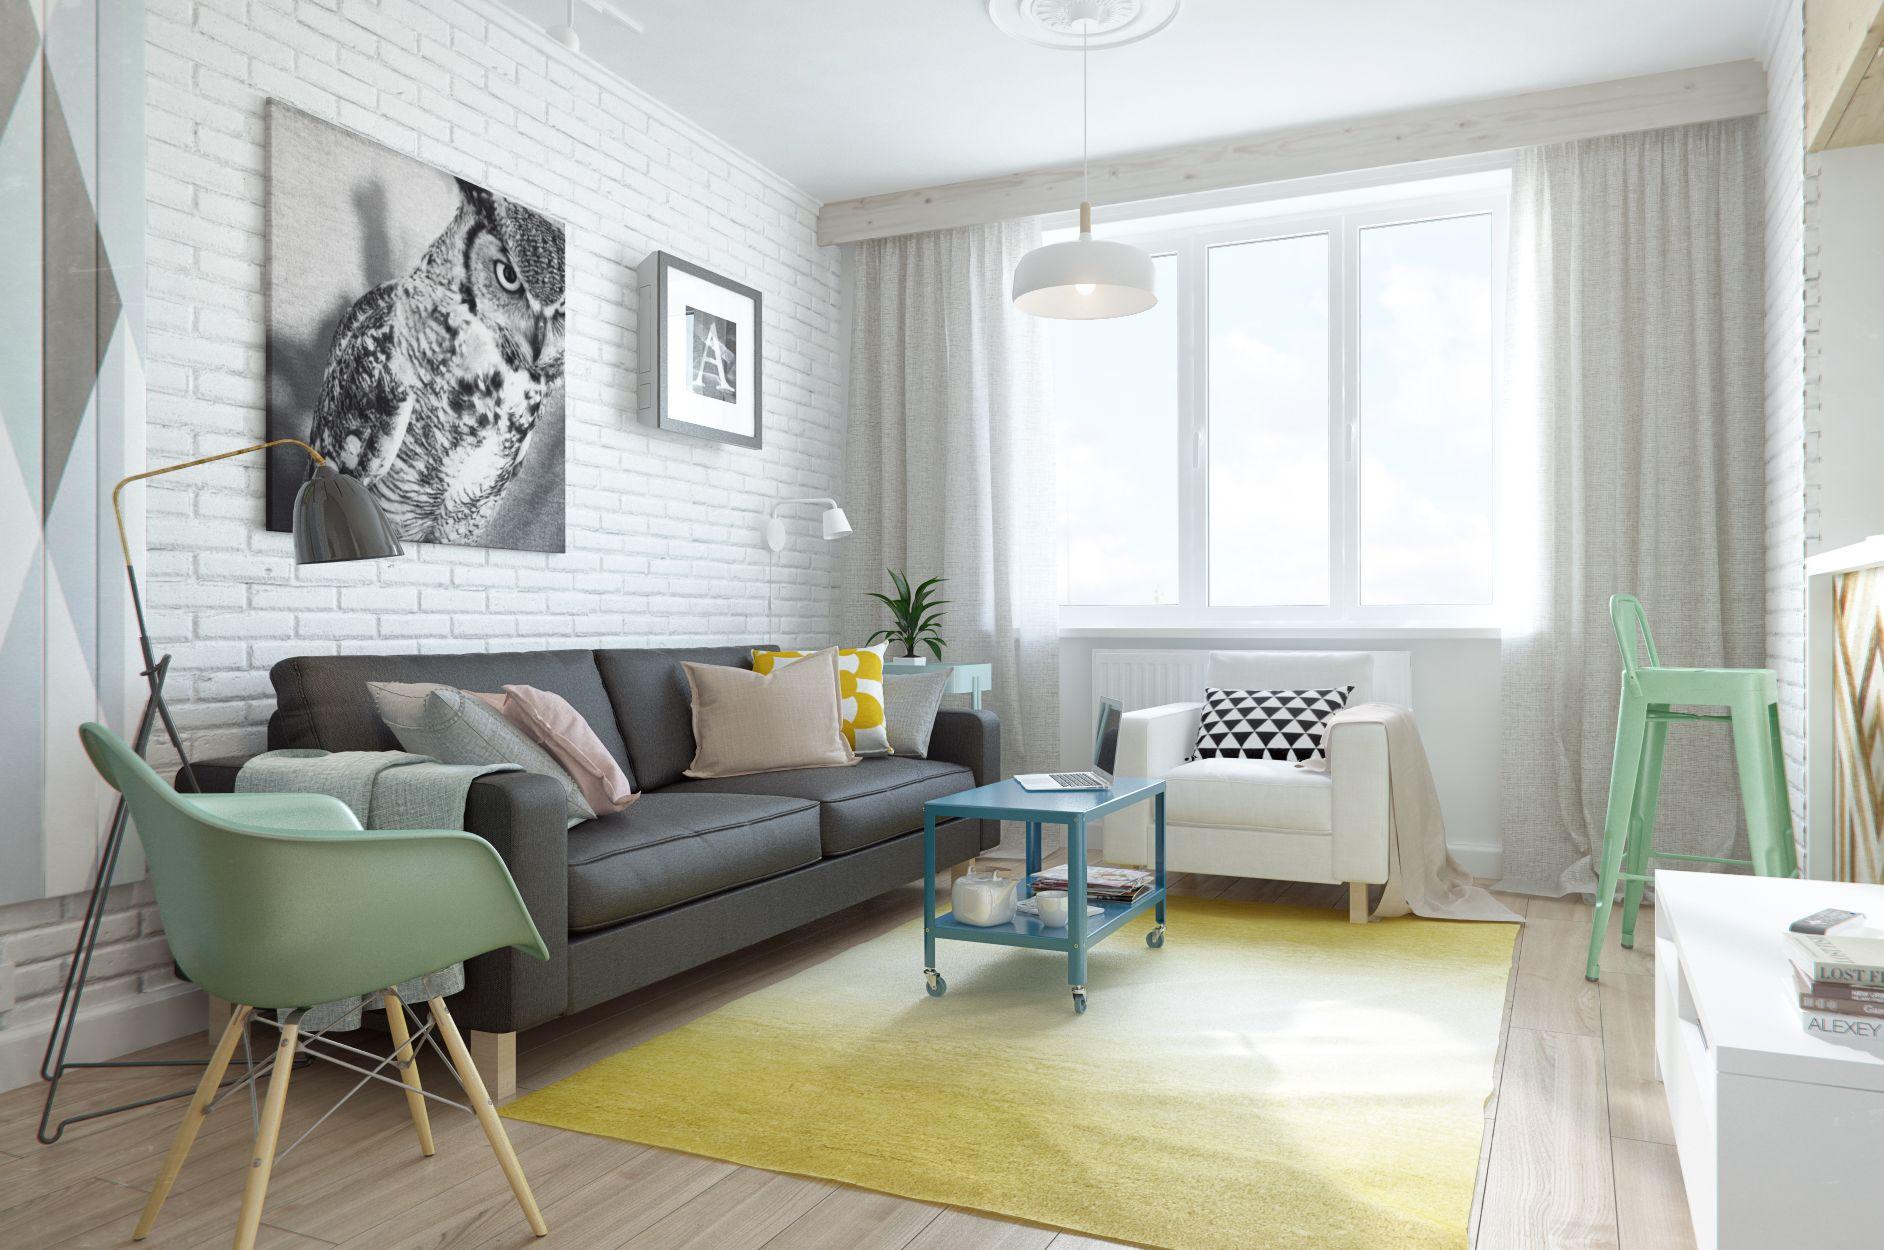 客厅整体清新亮丽,皮质黑色沙发,以及背景墙上挂着挂画,整个很有艺术气息